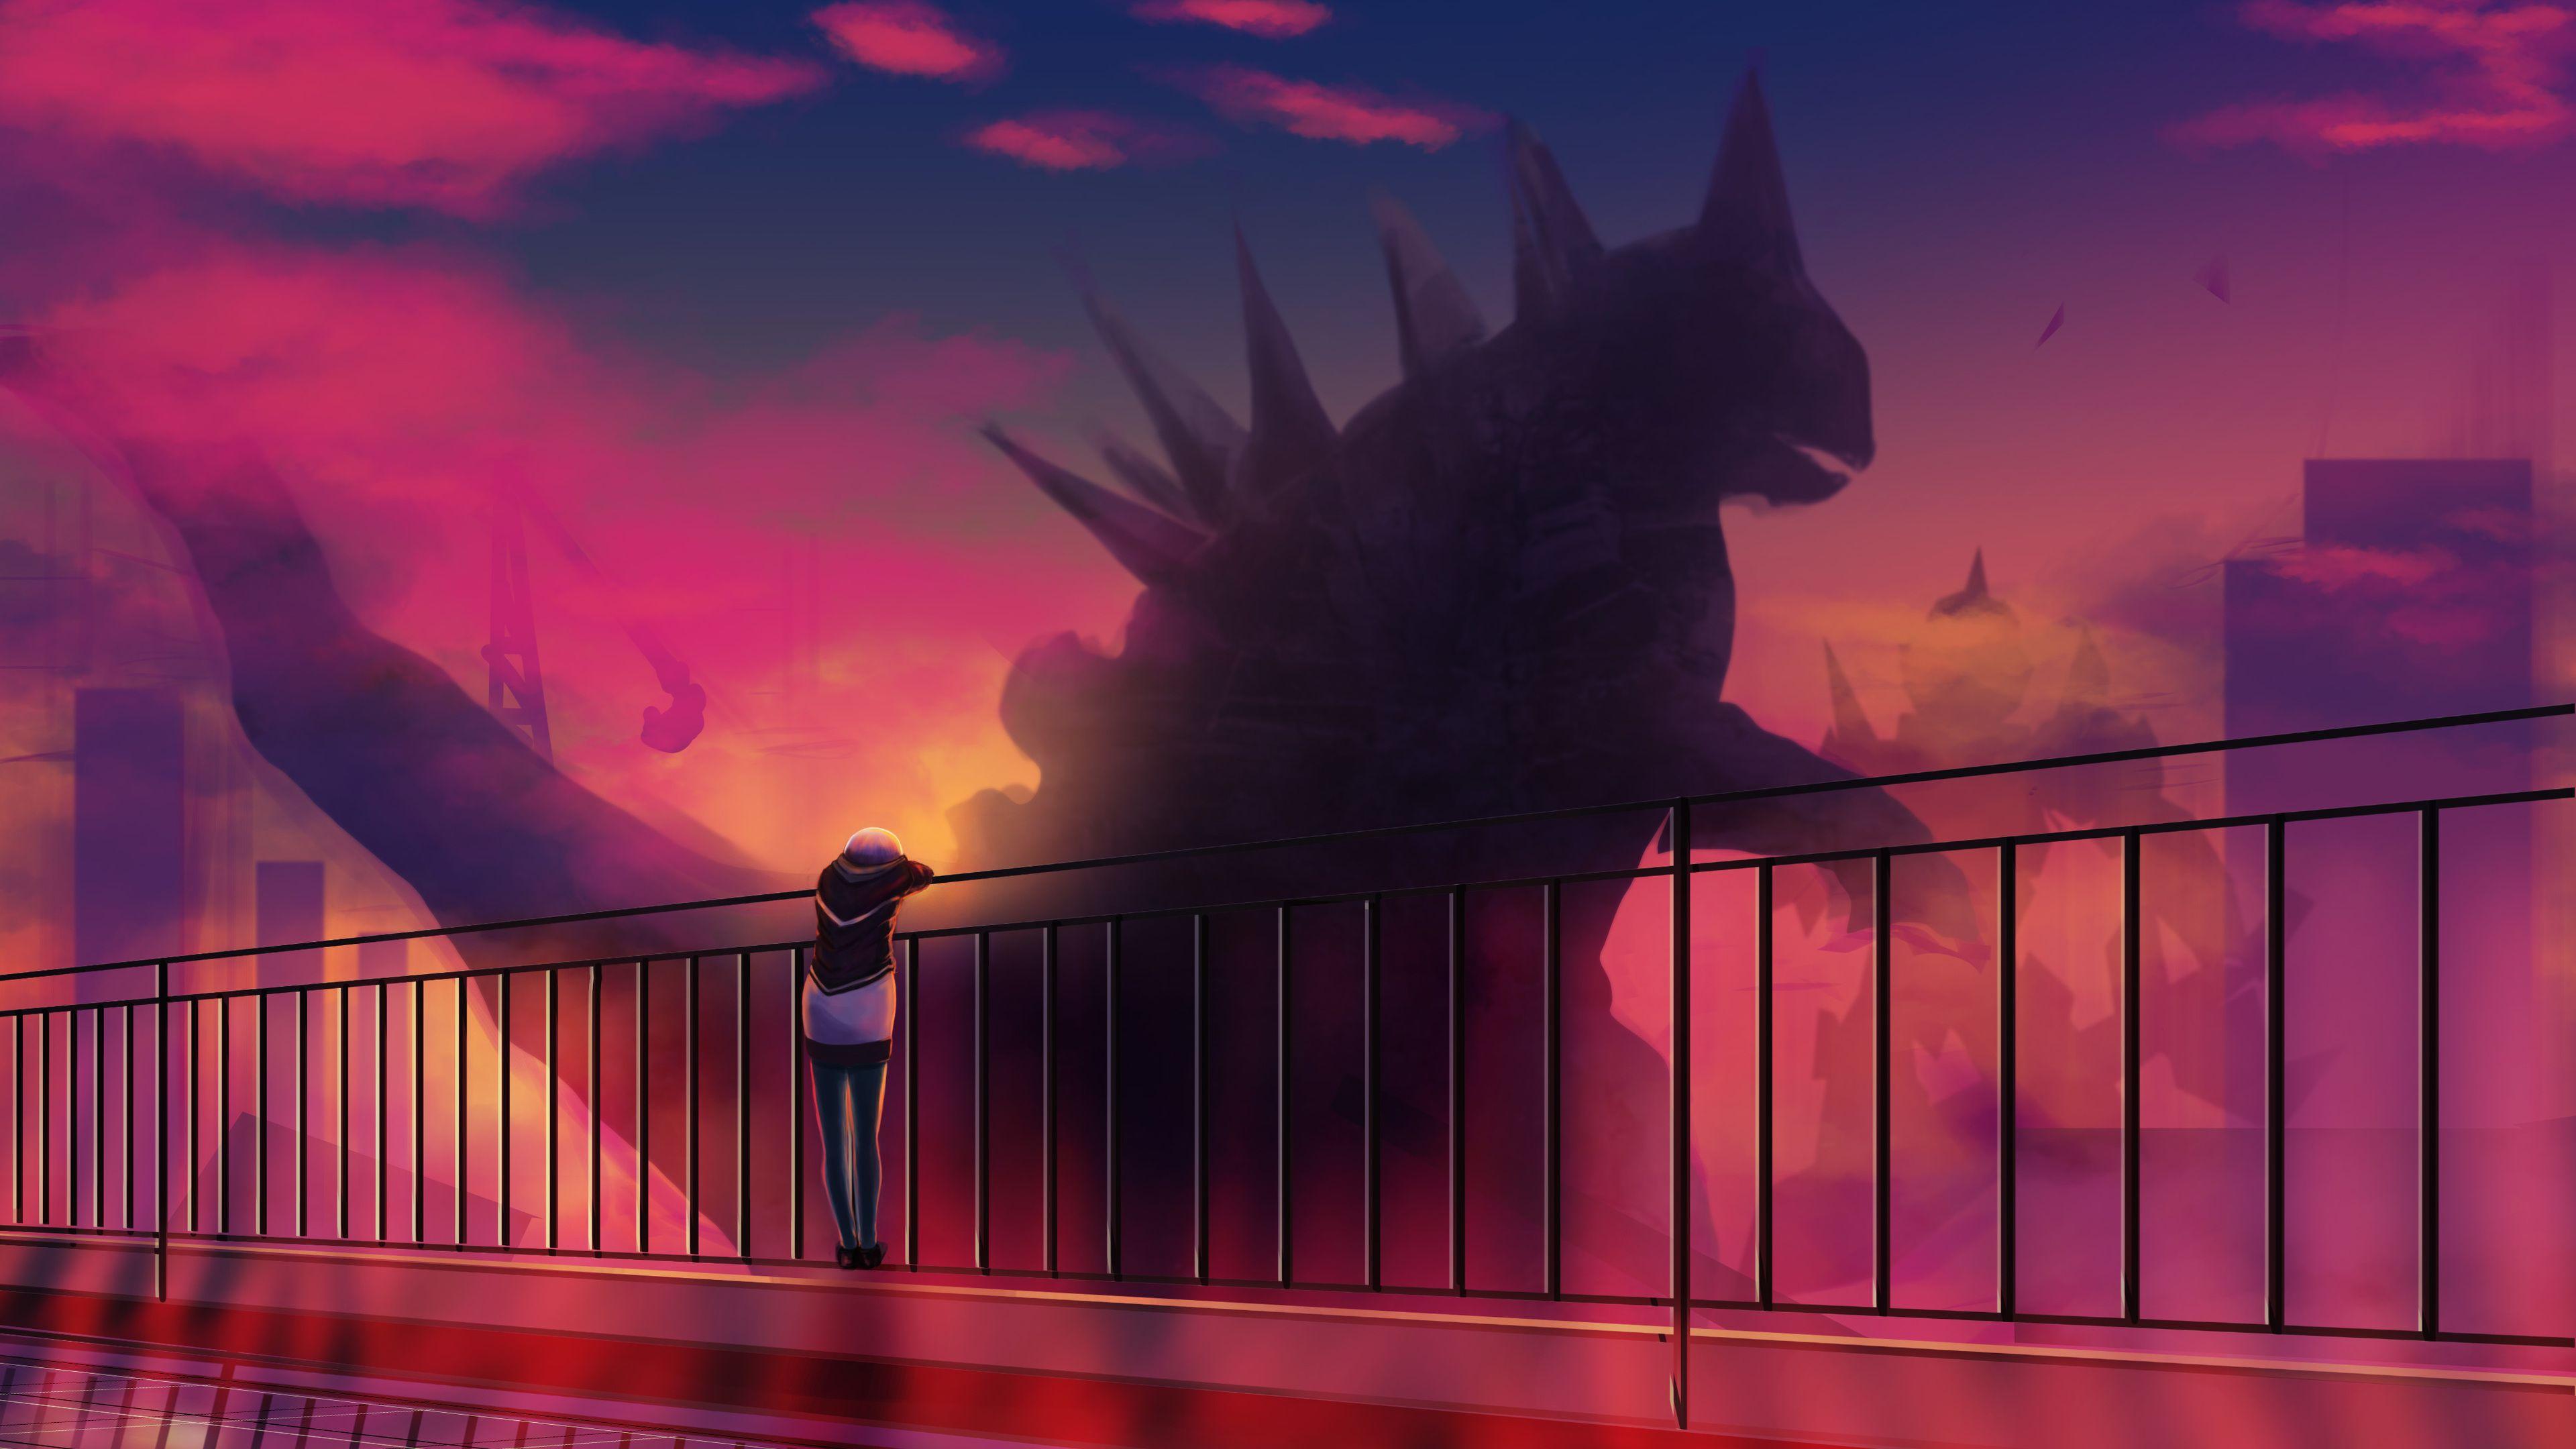 Akane Shinjou Anime 4k Pixiv Wallpapers Hd Wallpapers Digital Art Wallpapers Artwork Wallpapers Artist Wallpaper Anime 4k Artist Wallpapers Anime Wallpaper Anime art wallpaper desktop